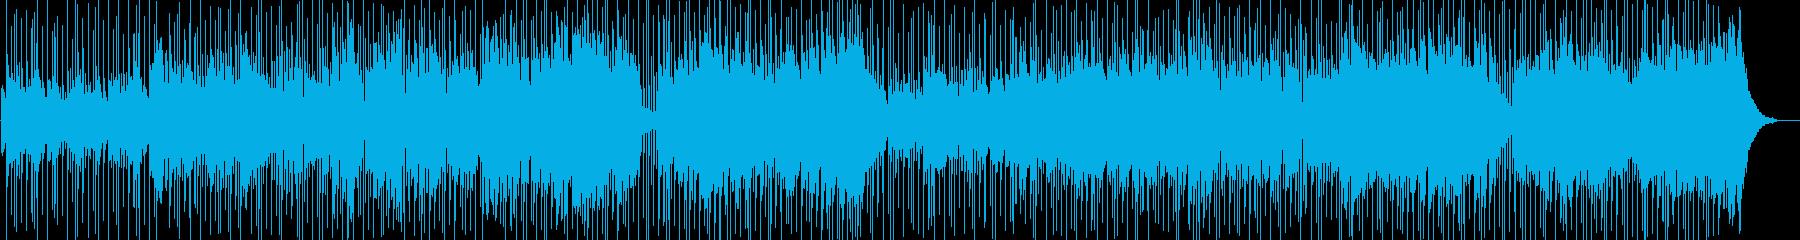 人生の回顧録をイメージしたカントリーの再生済みの波形